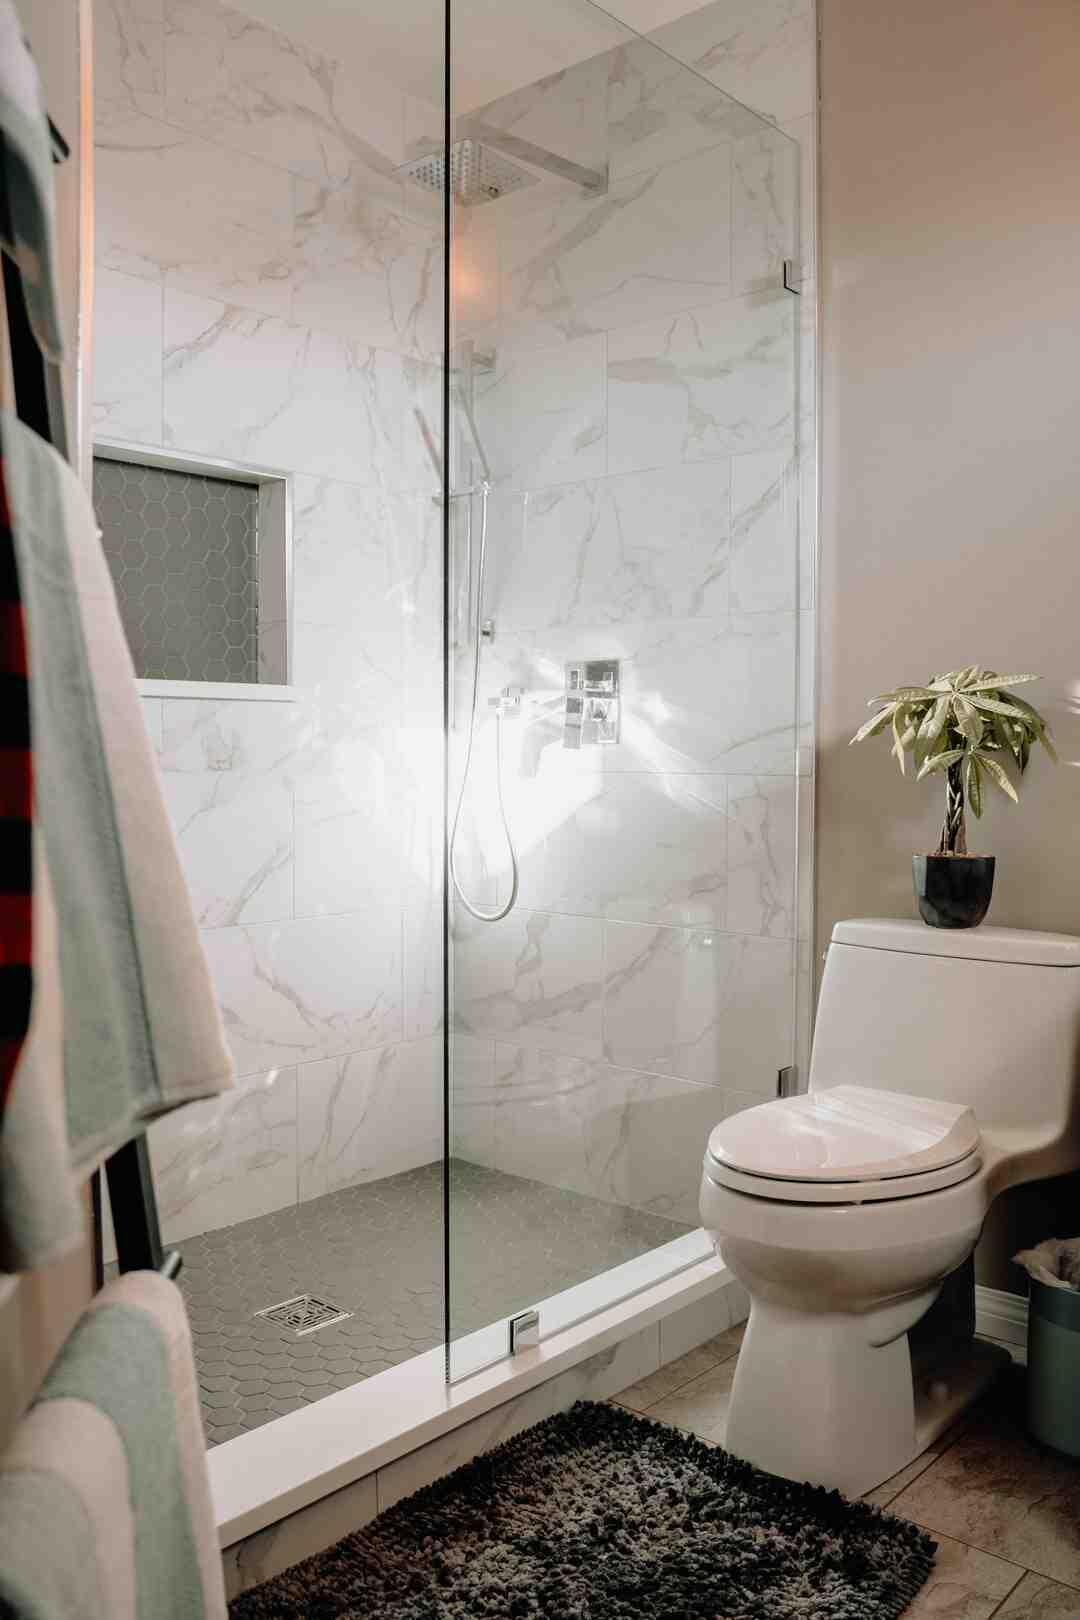 Quelle hauteur carrelage salle de bain ?